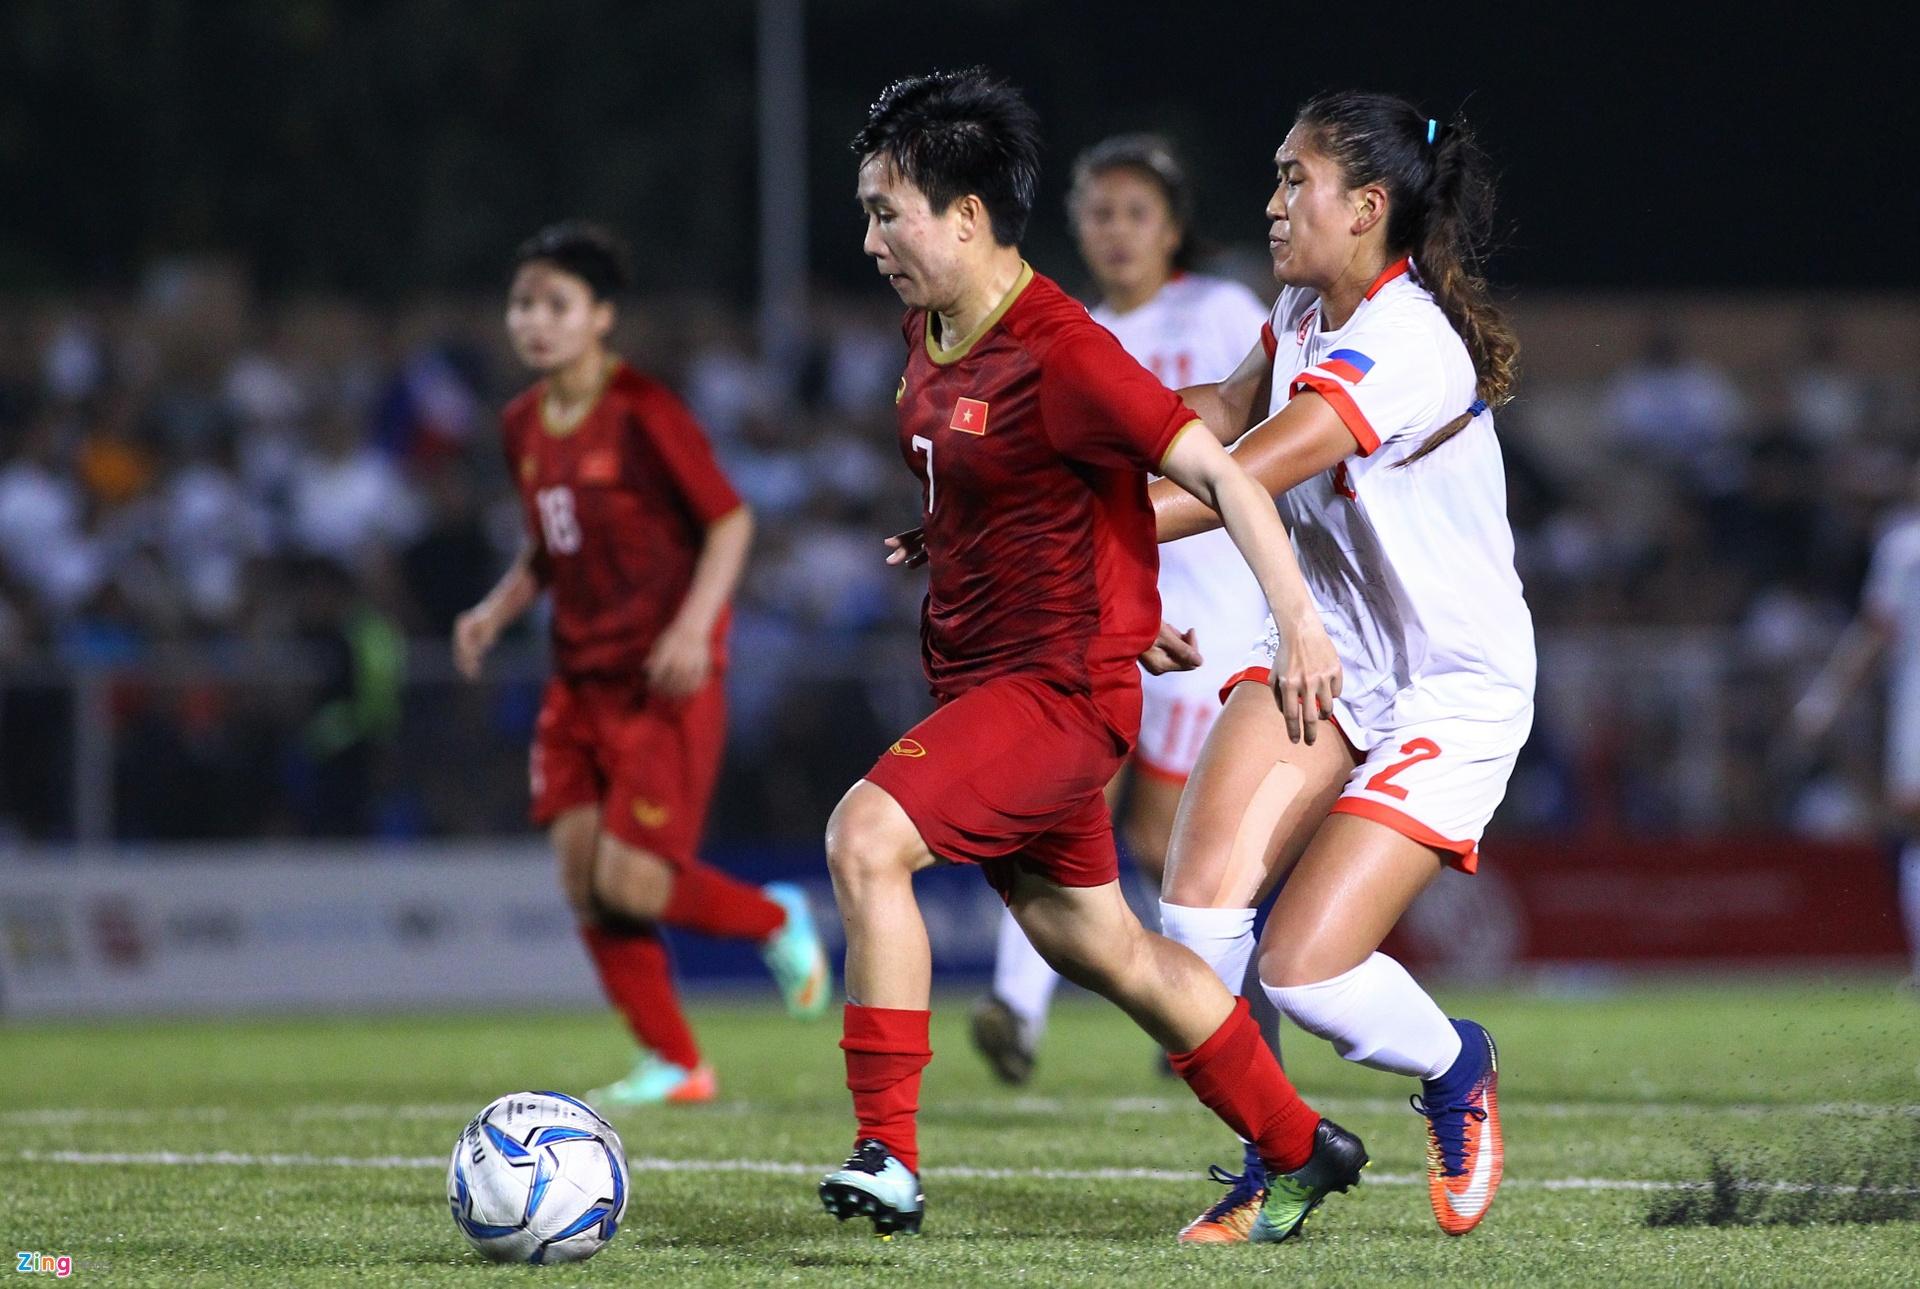 Tuyển thủ Tuyết Dung: 'Tôi tự tin sẽ cùng tuyển nữ dự World Cup'